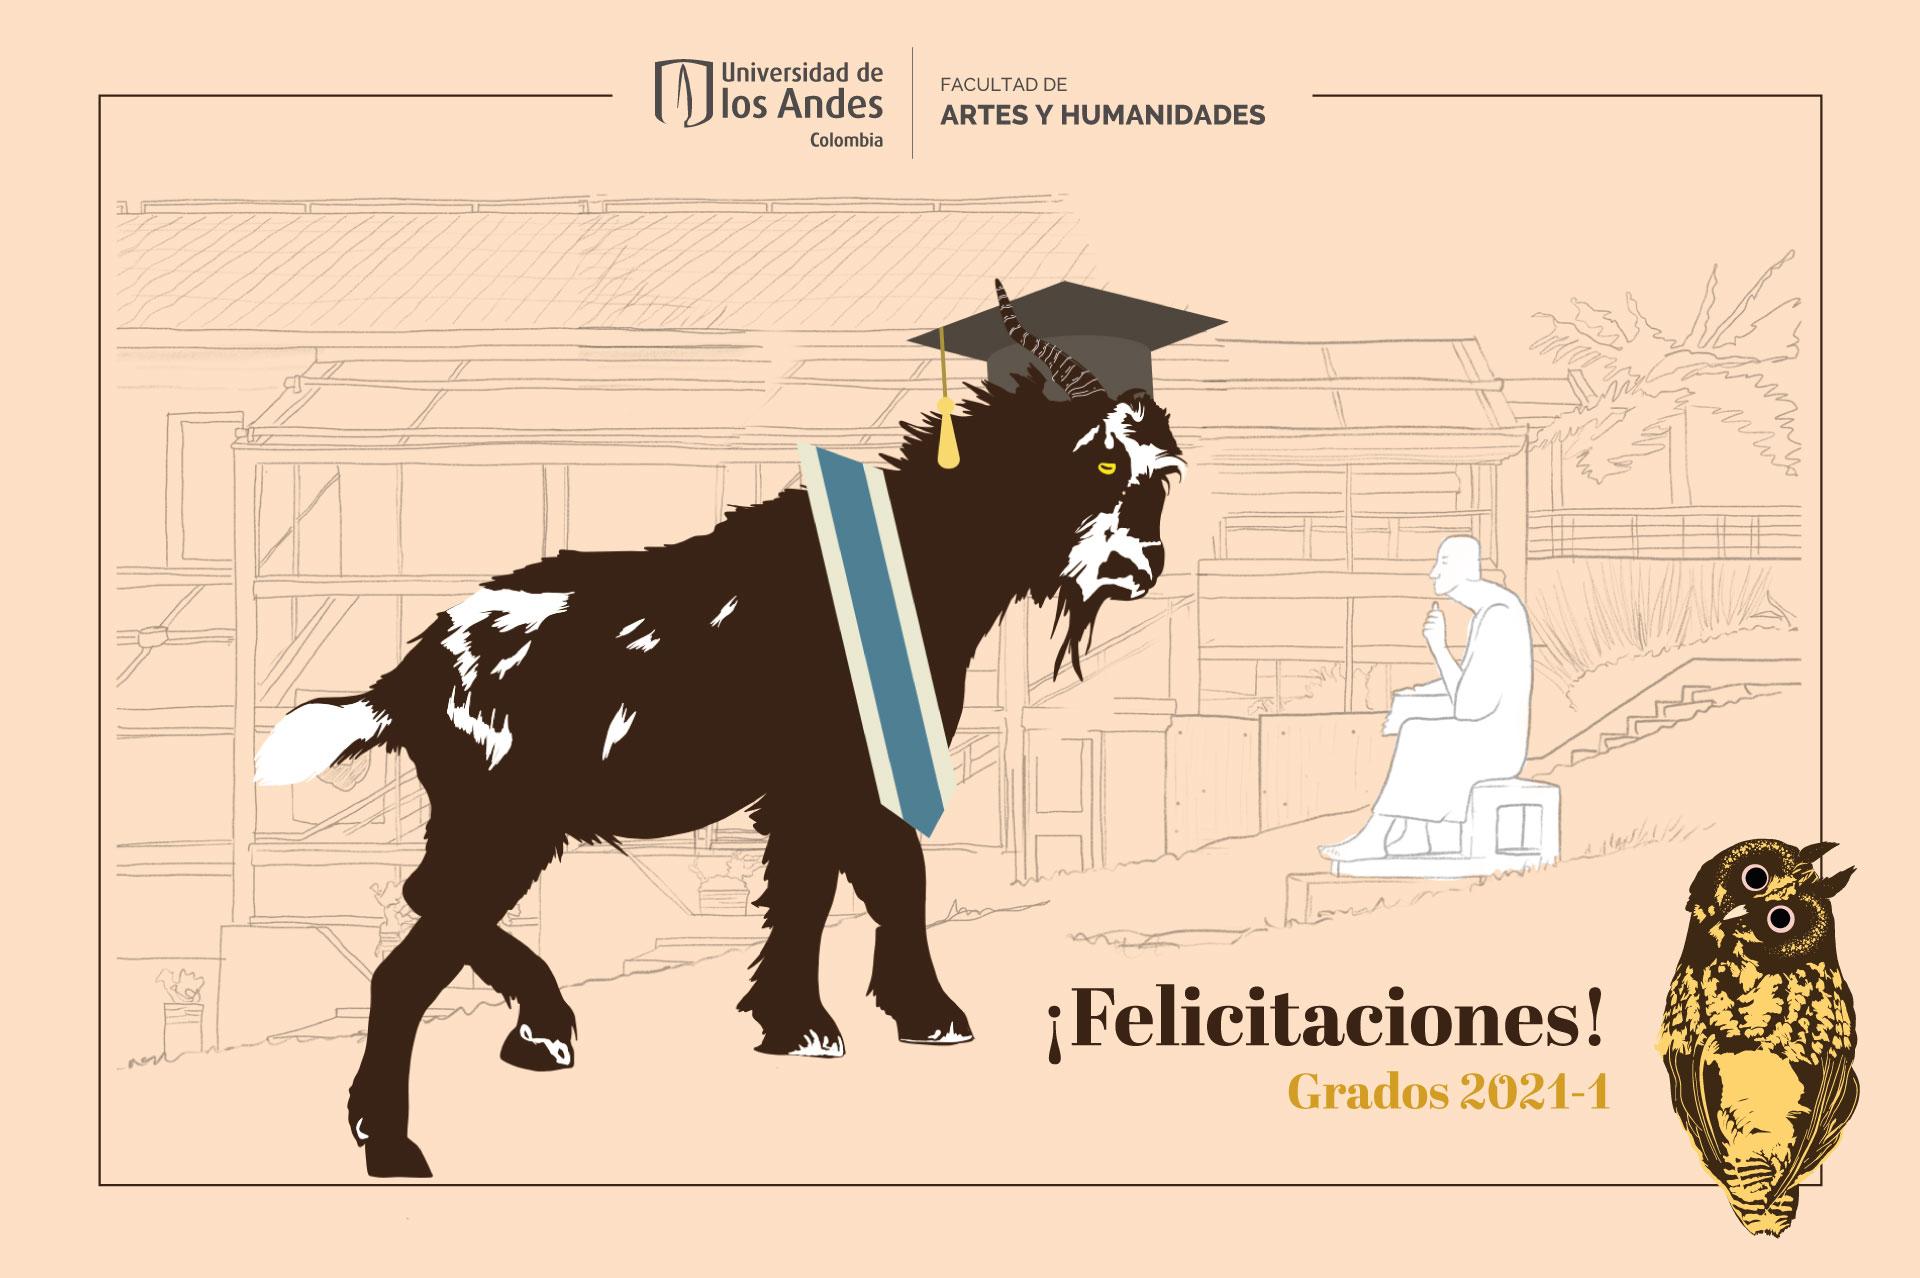 ¡Felicitaciones a los graduados 2021-1 de la Facultad de Artes y Humanidades!